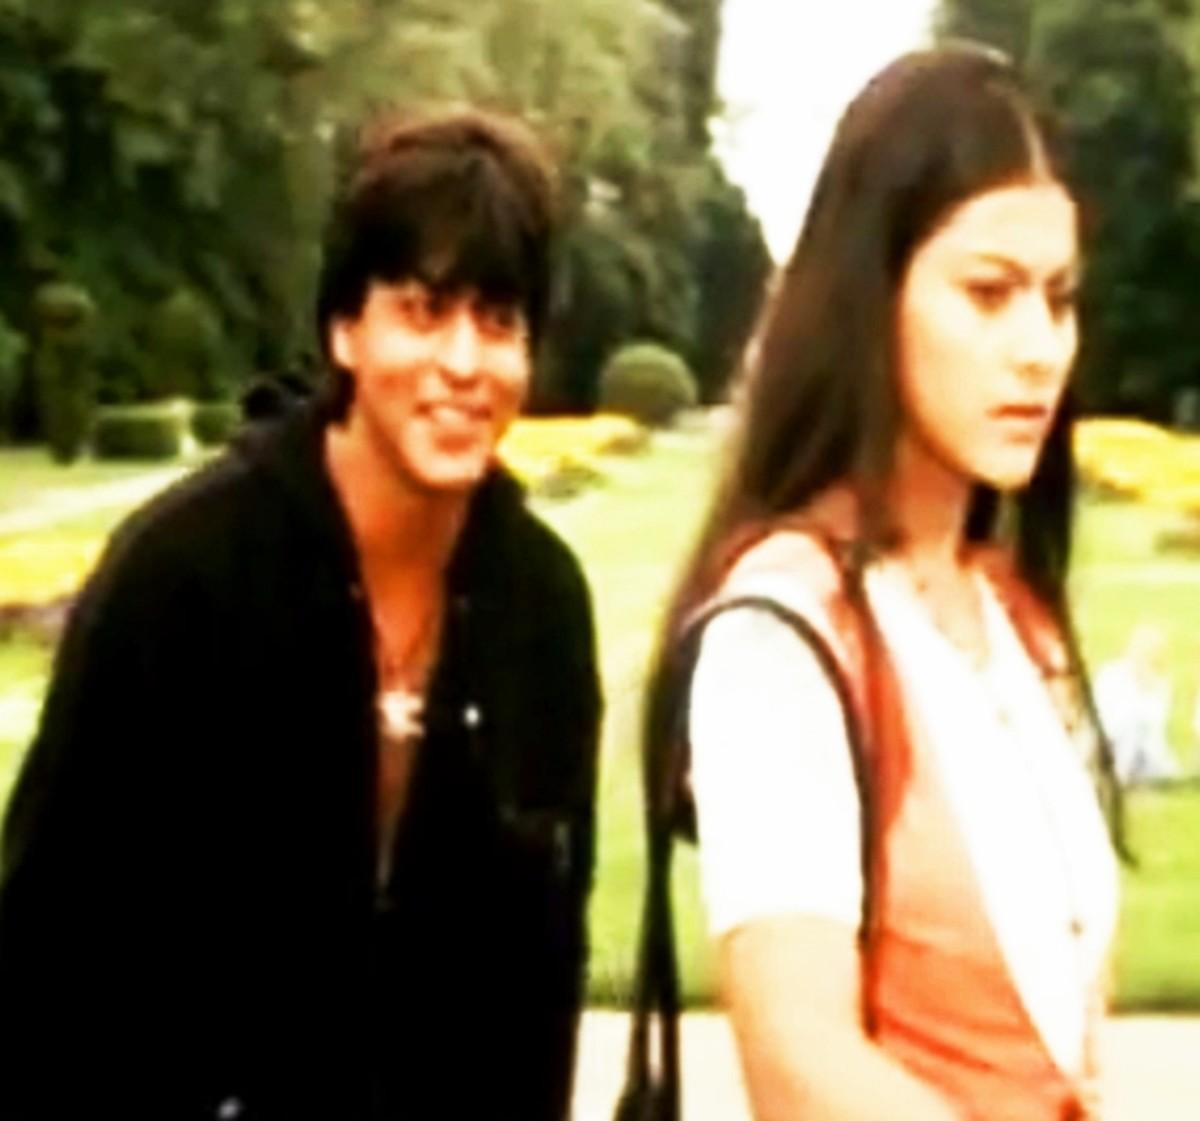 Shahrukh Khan & Kajol in Ho gaya hai tujhko to pyar ...